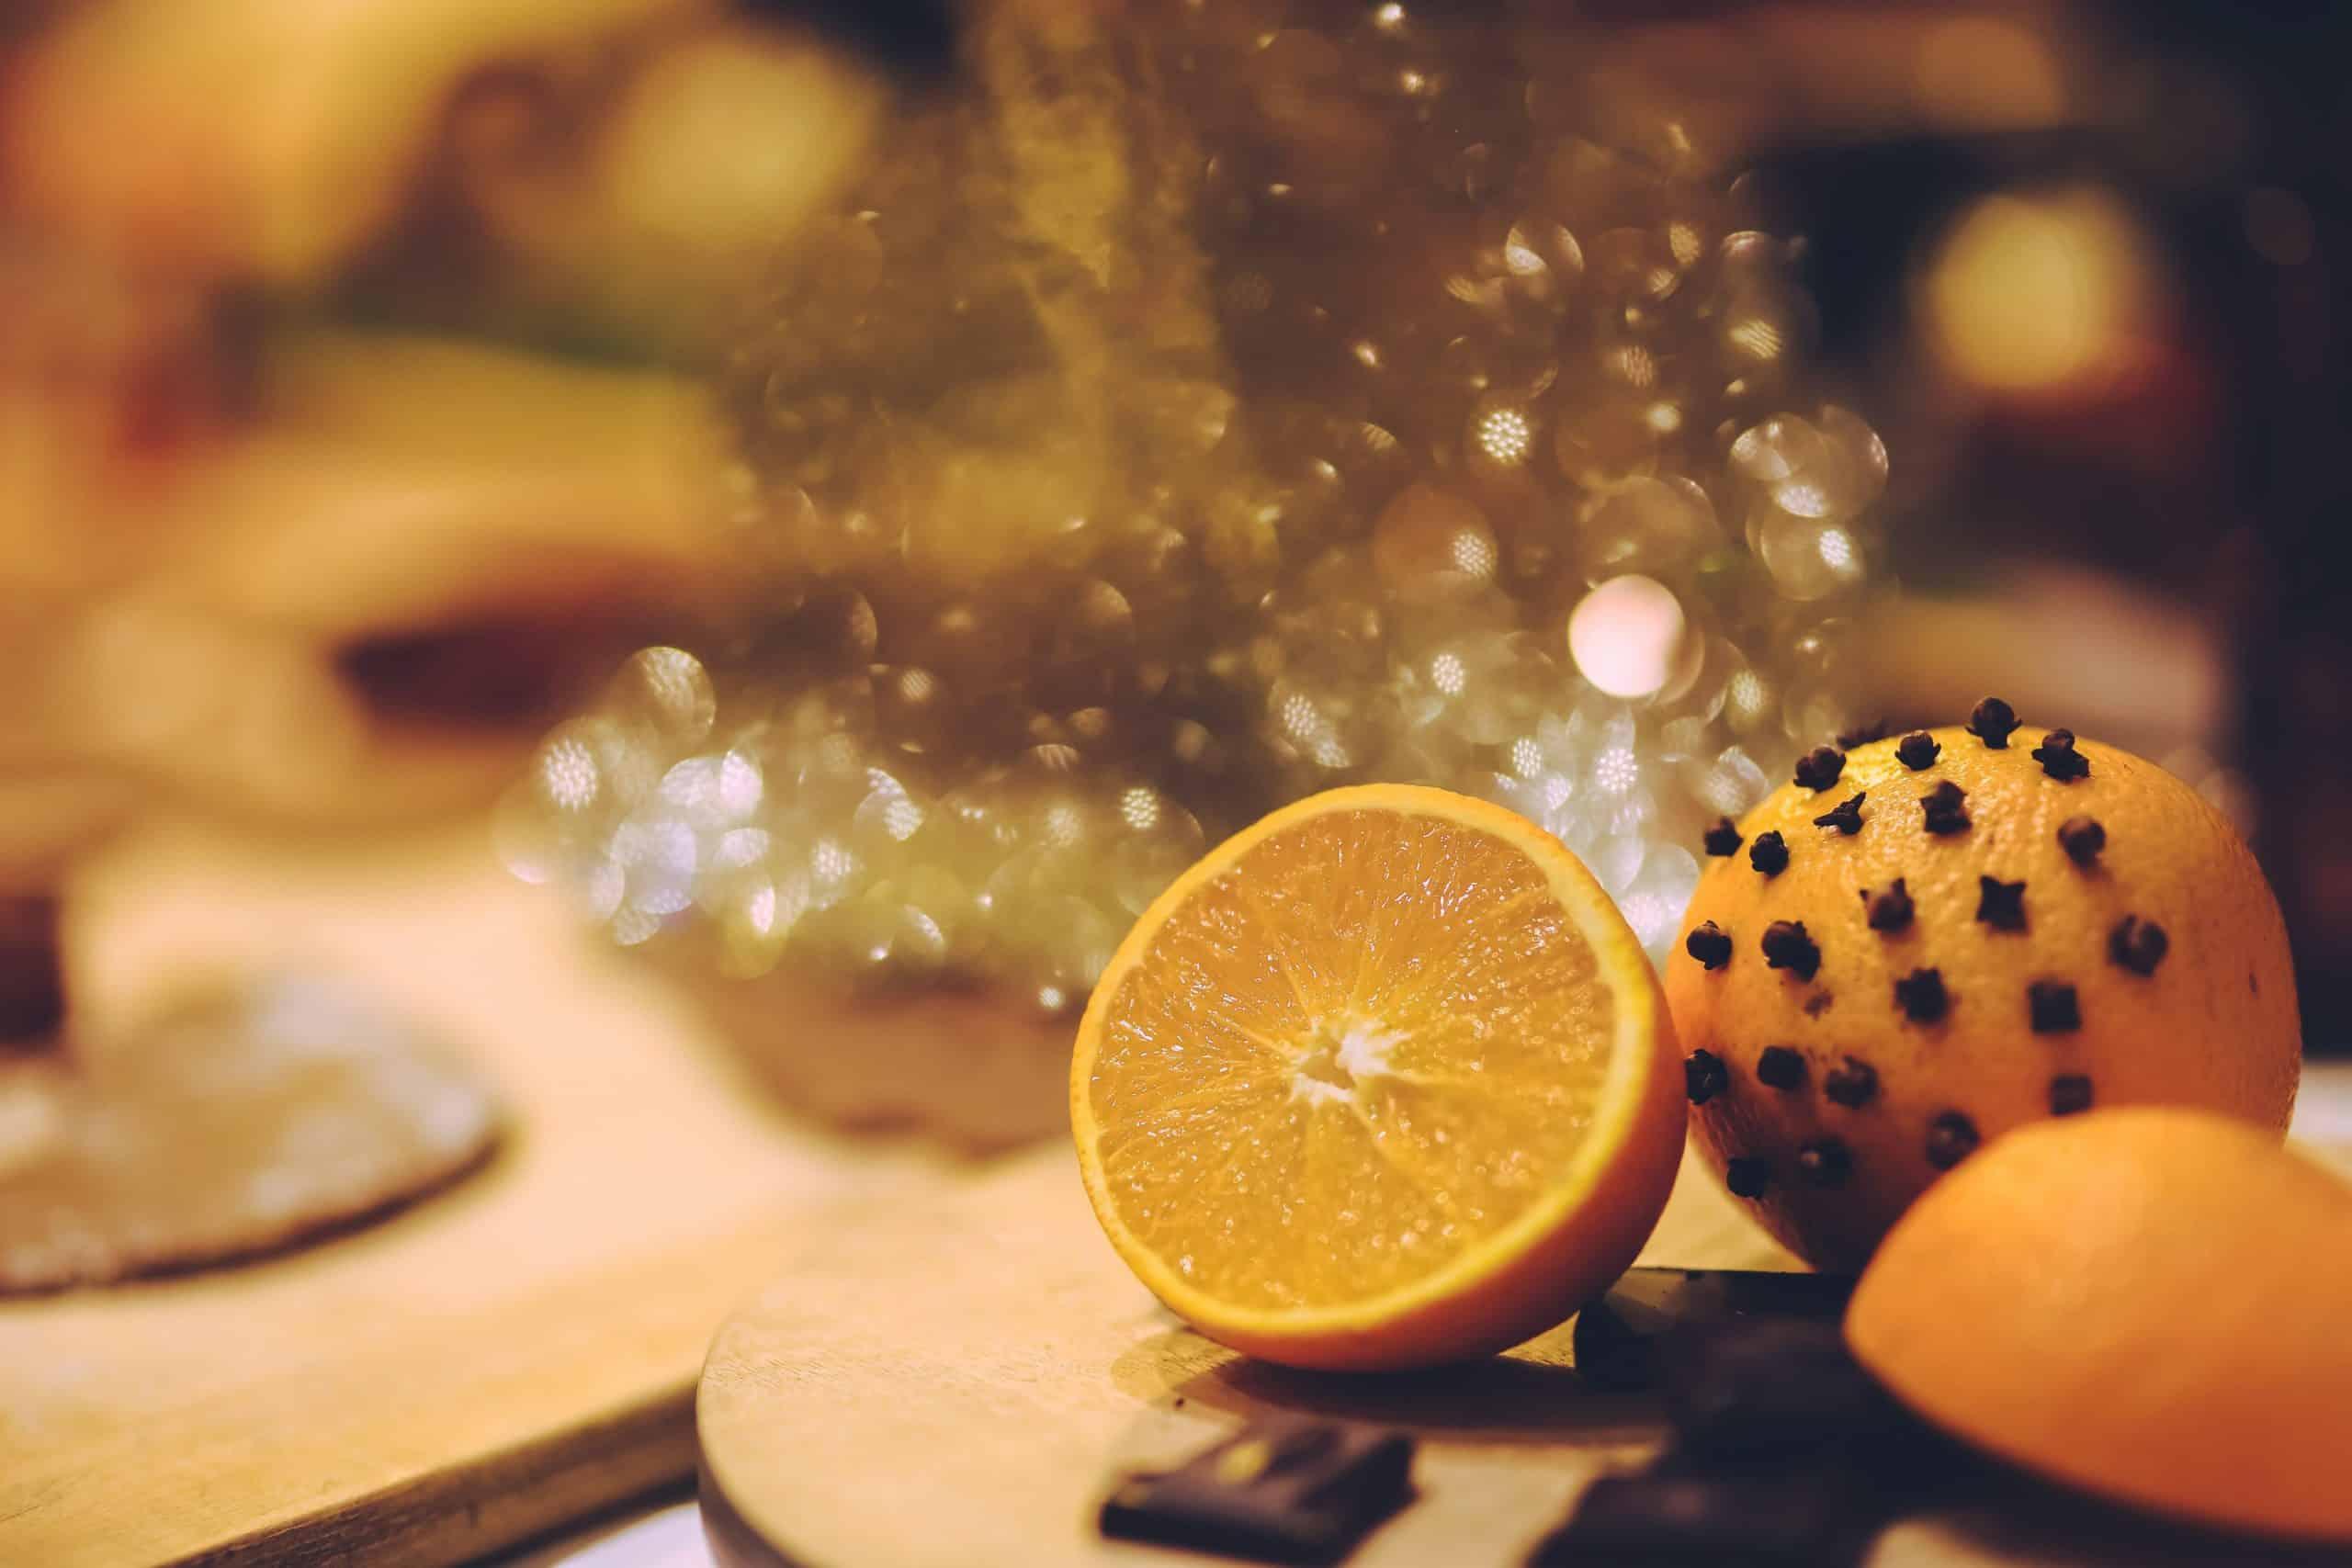 Orange piquée de clous de girofle pour éloigner les moustiques